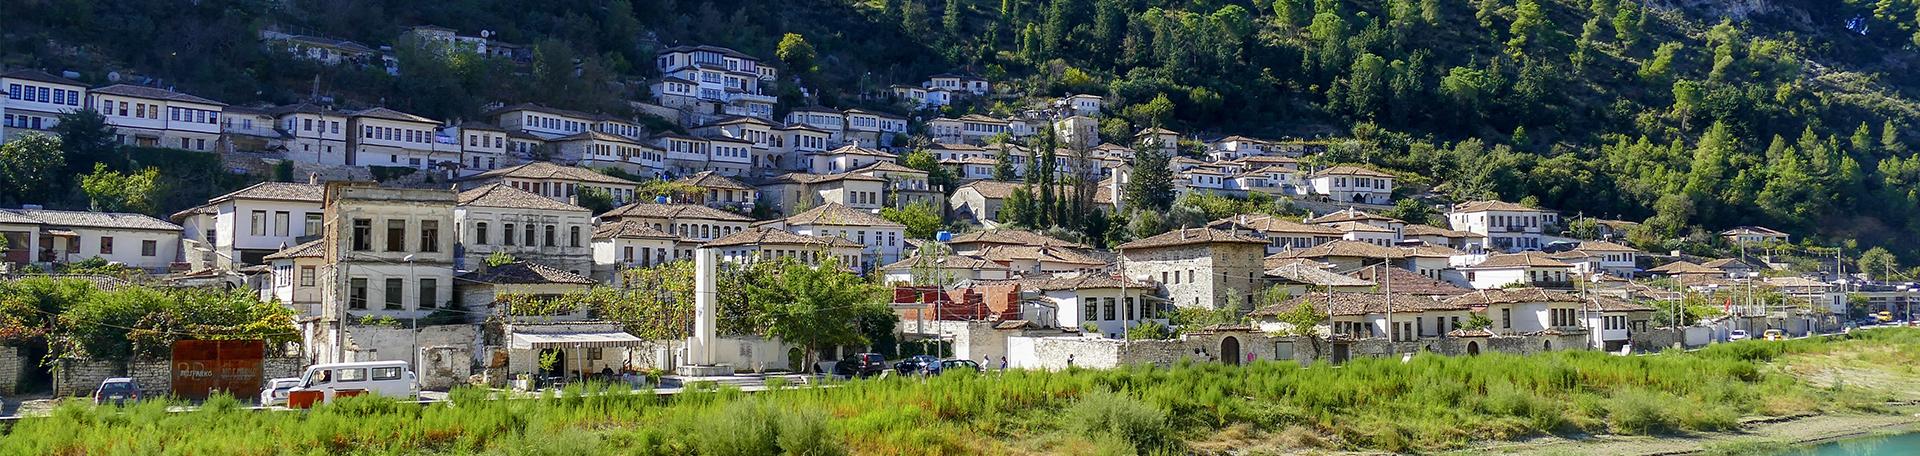 Berat, vue panoramique, voyages et vacances en Albanie